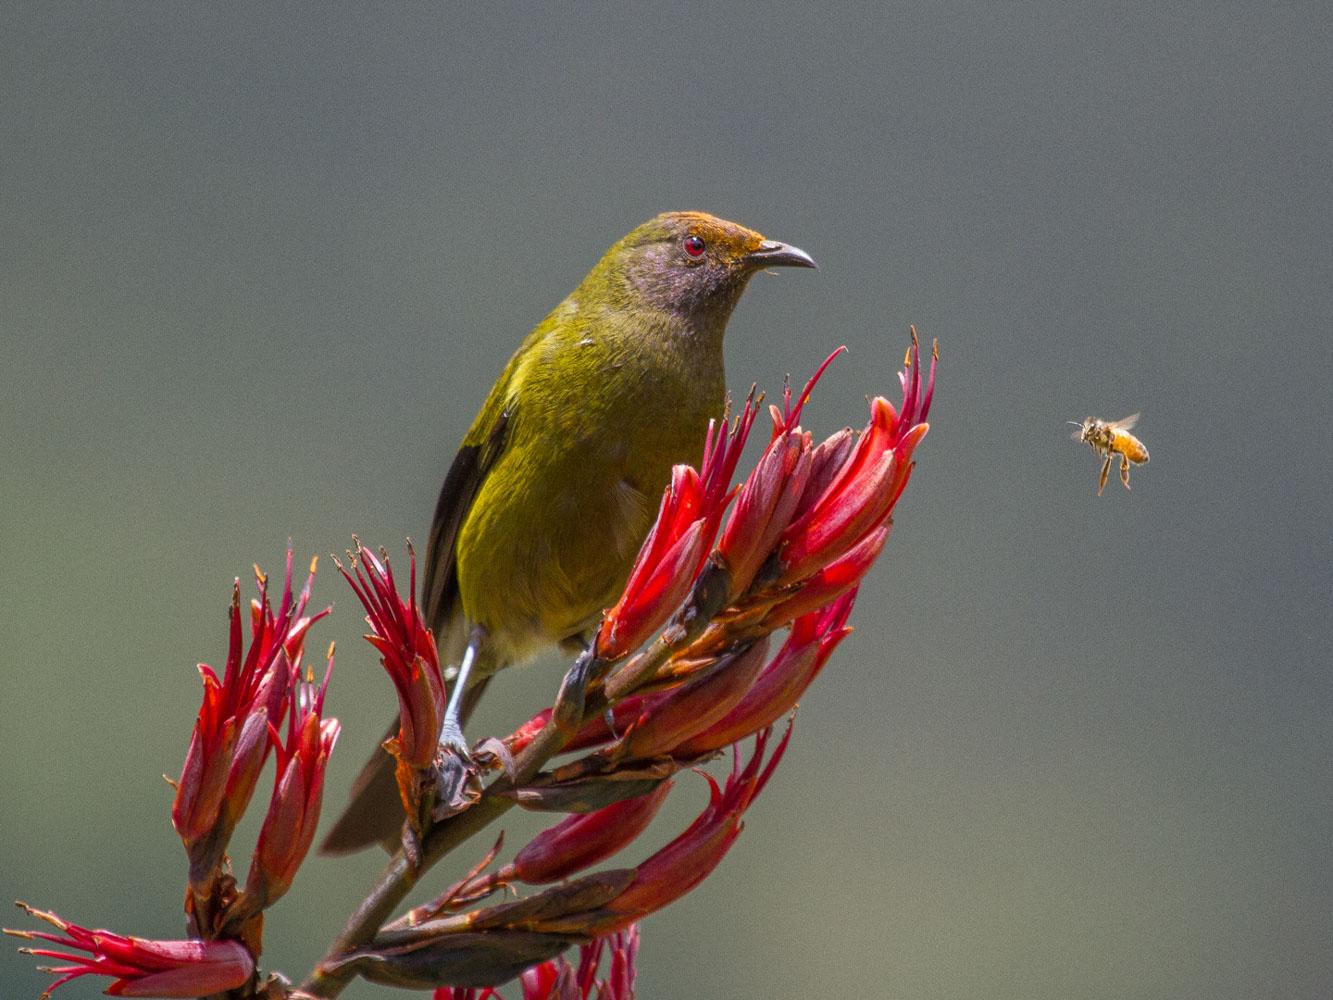 Ross McIvor, Bellbird and Bee